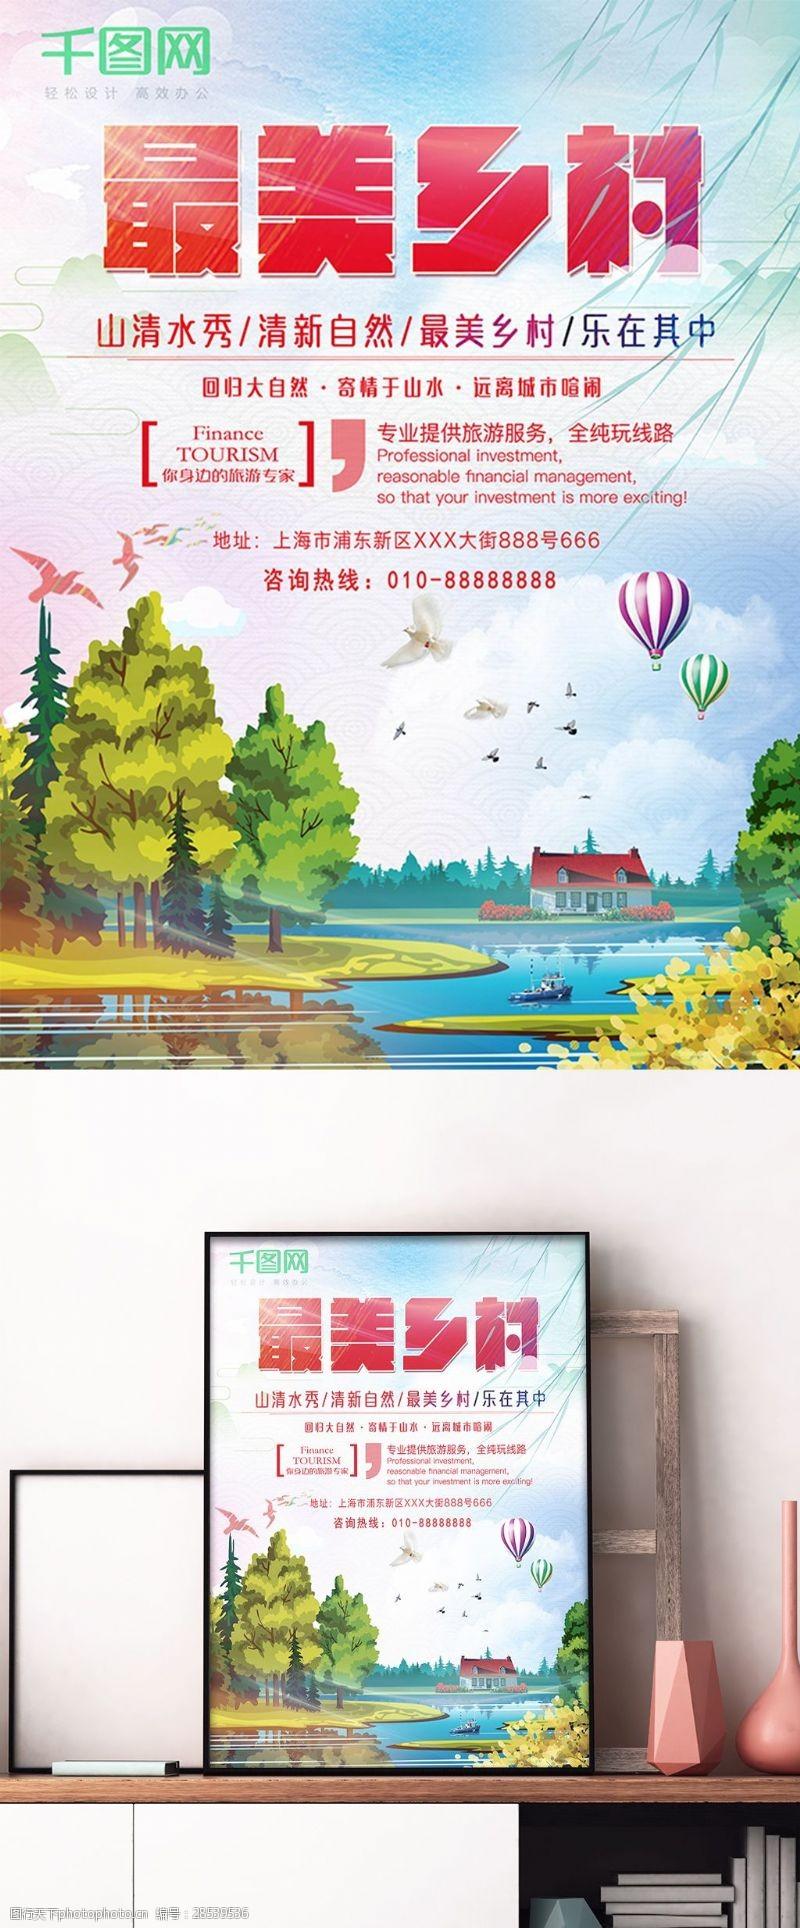 农村旅行简洁唯美最美乡村旅游海报